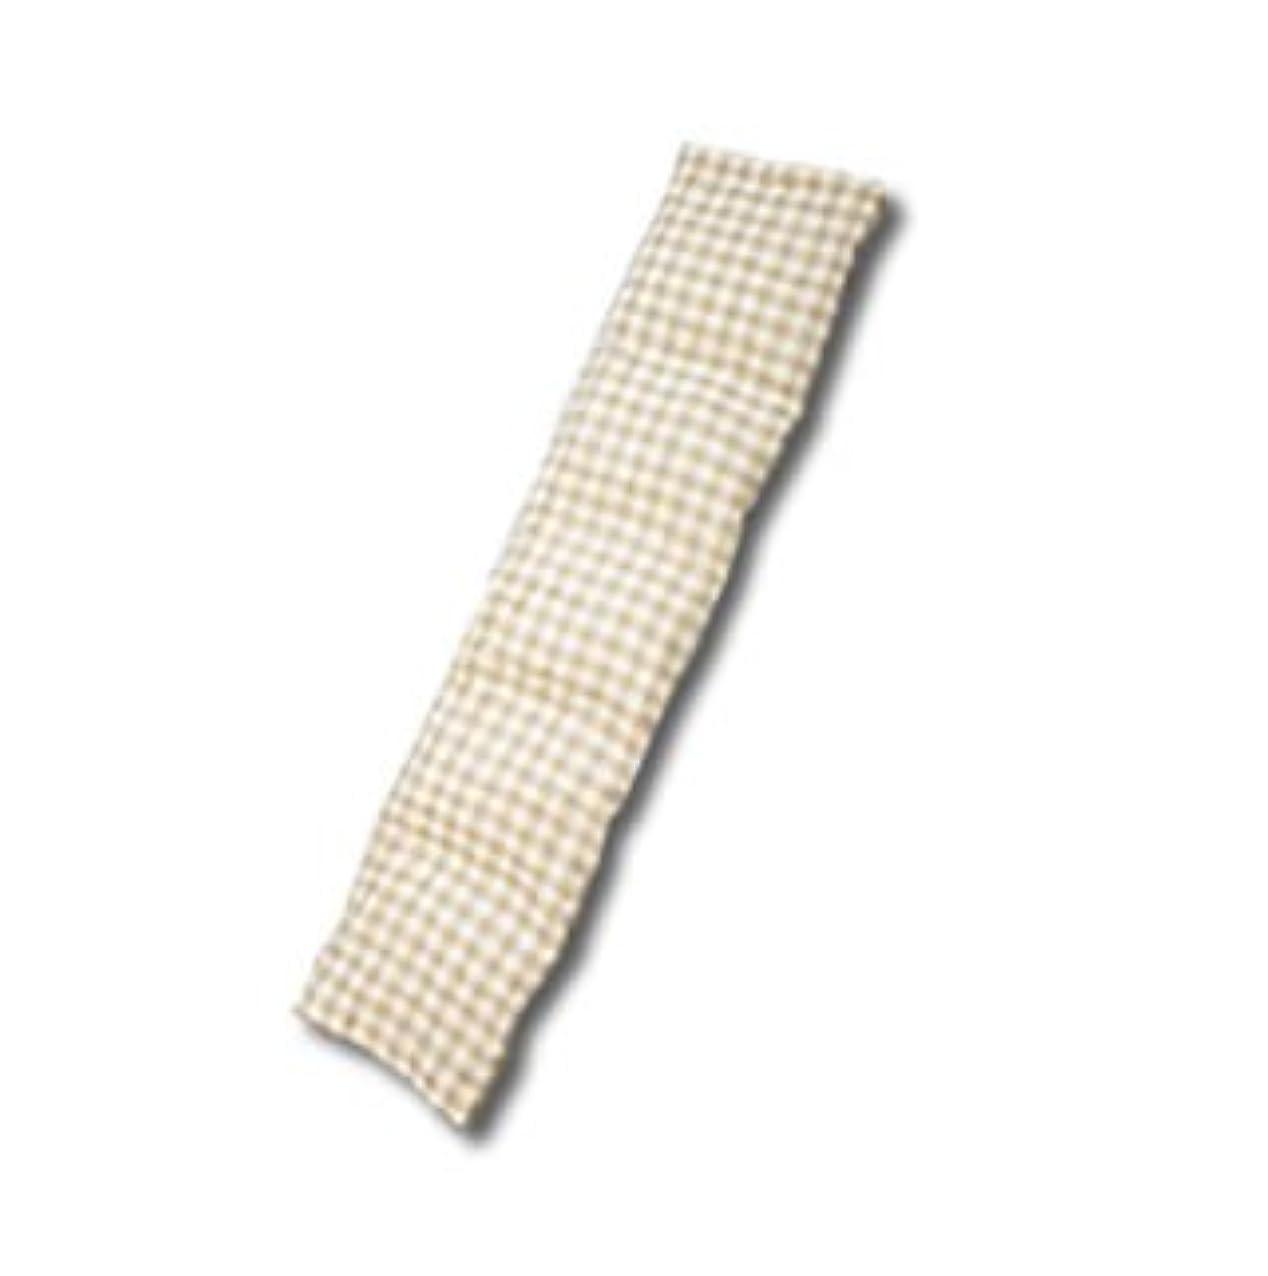 批判的に希望に満ちた結果手作り温熱ハーブパット「よもごこち」 ロング 13cm×57cm